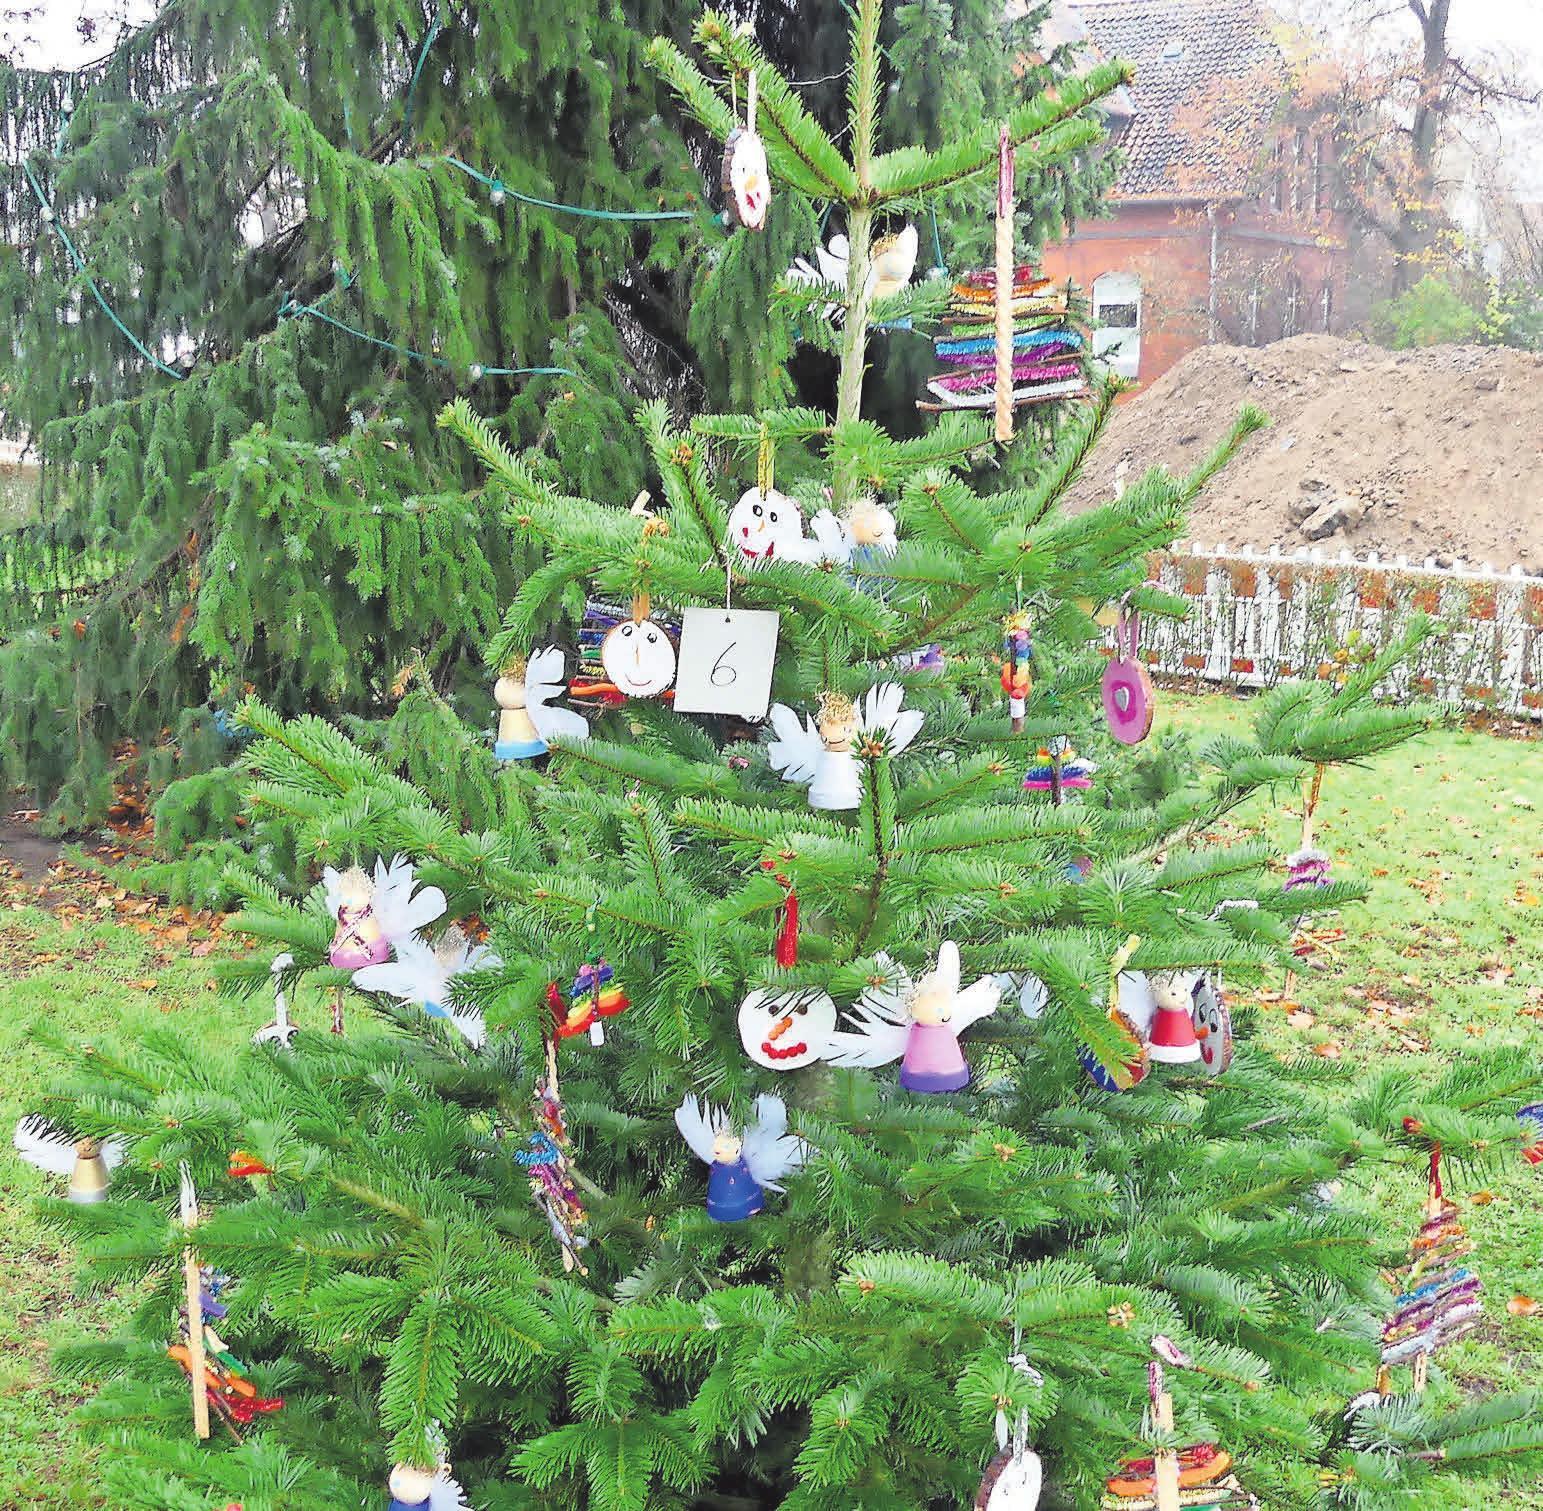 Der schönste Baum – zumindest für die Jury der Gemeinschaft Kirchroder Kaufleute. Damit hat die Kita am Kleinen Hillen den ersten Platz bei der diesjährigen Schmückaktion belegt.